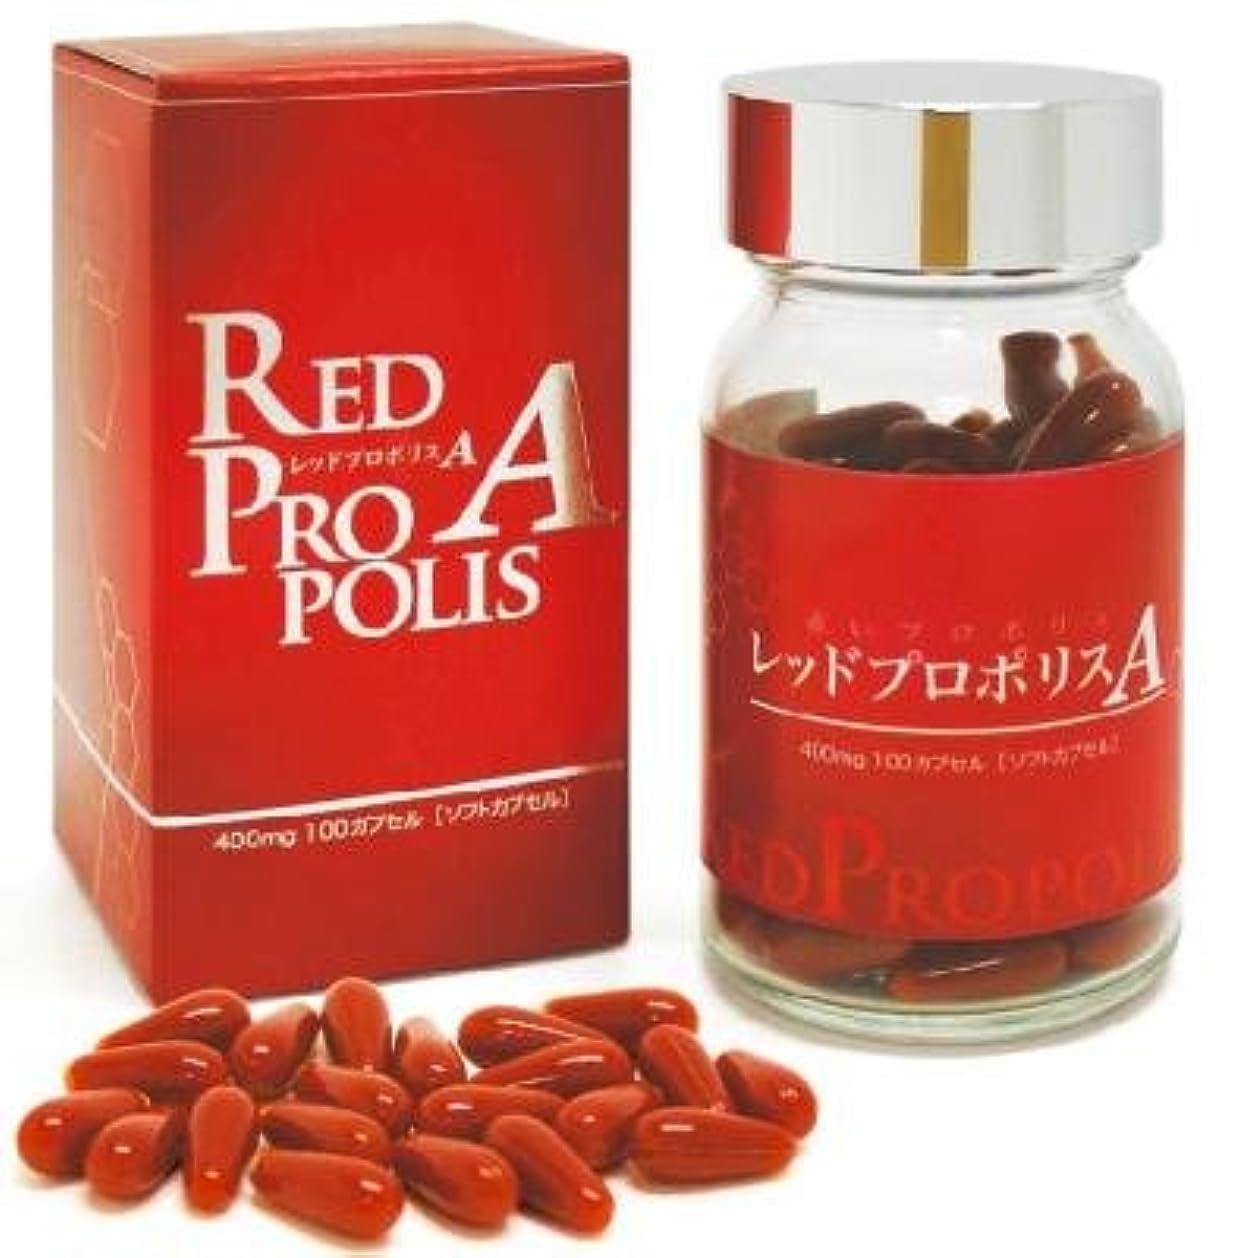 エントリ構成するマンハッタンレッドプロポリスA サプリメント 100粒入り 6箱セット ブラジル原産 フラボノイド 含有量 緑茶の650倍